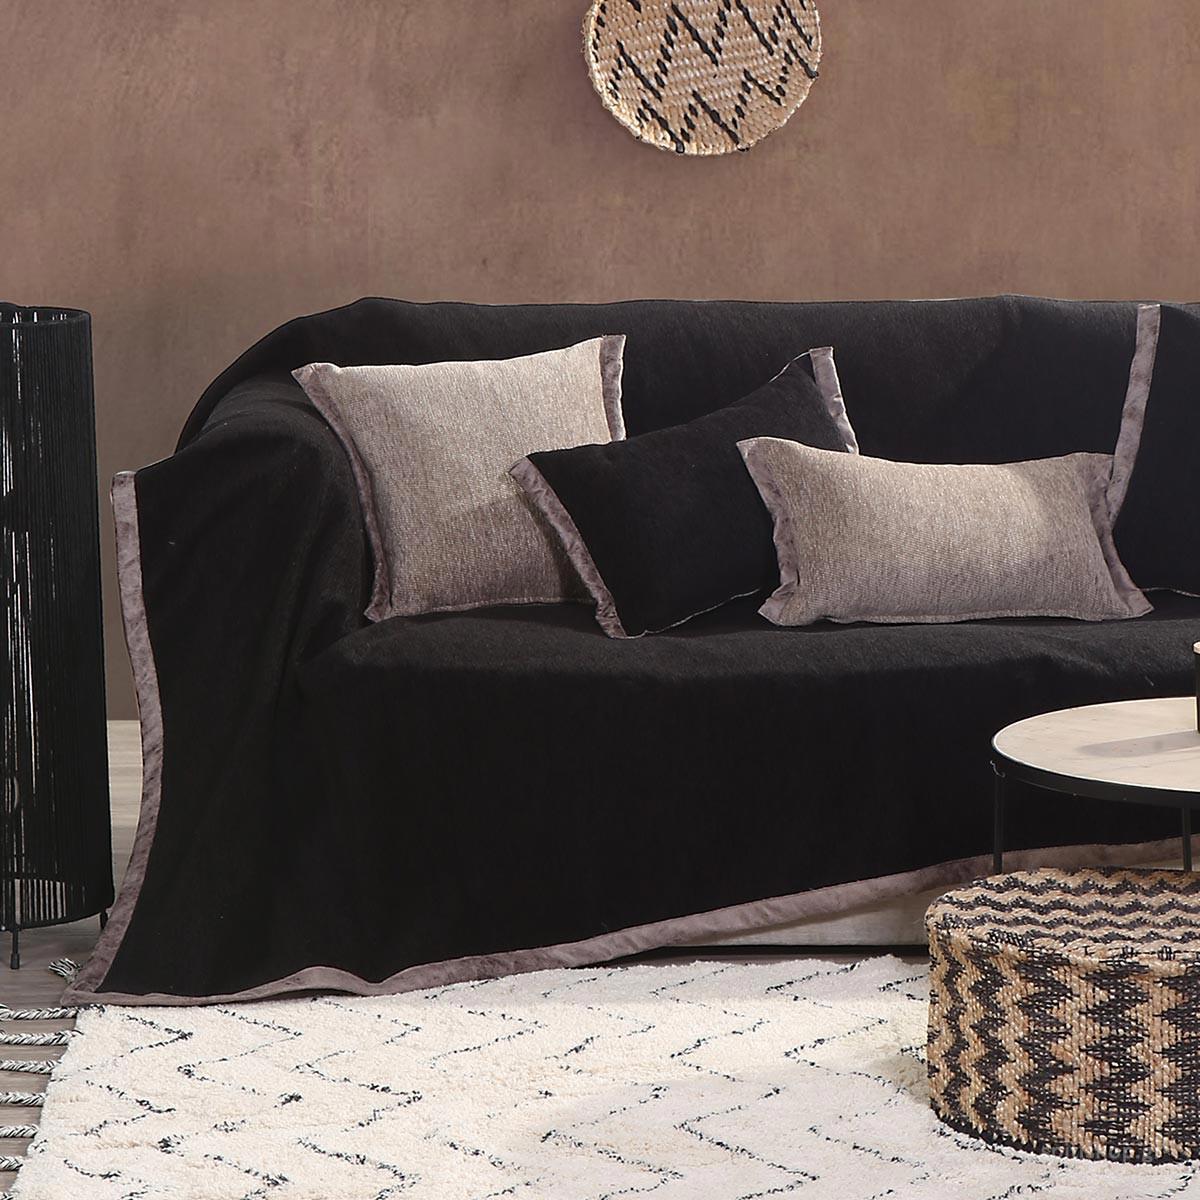 Ριχτάρι Πολυθρόνας (180×180) Nef-Nef New Tanger Black/Beige